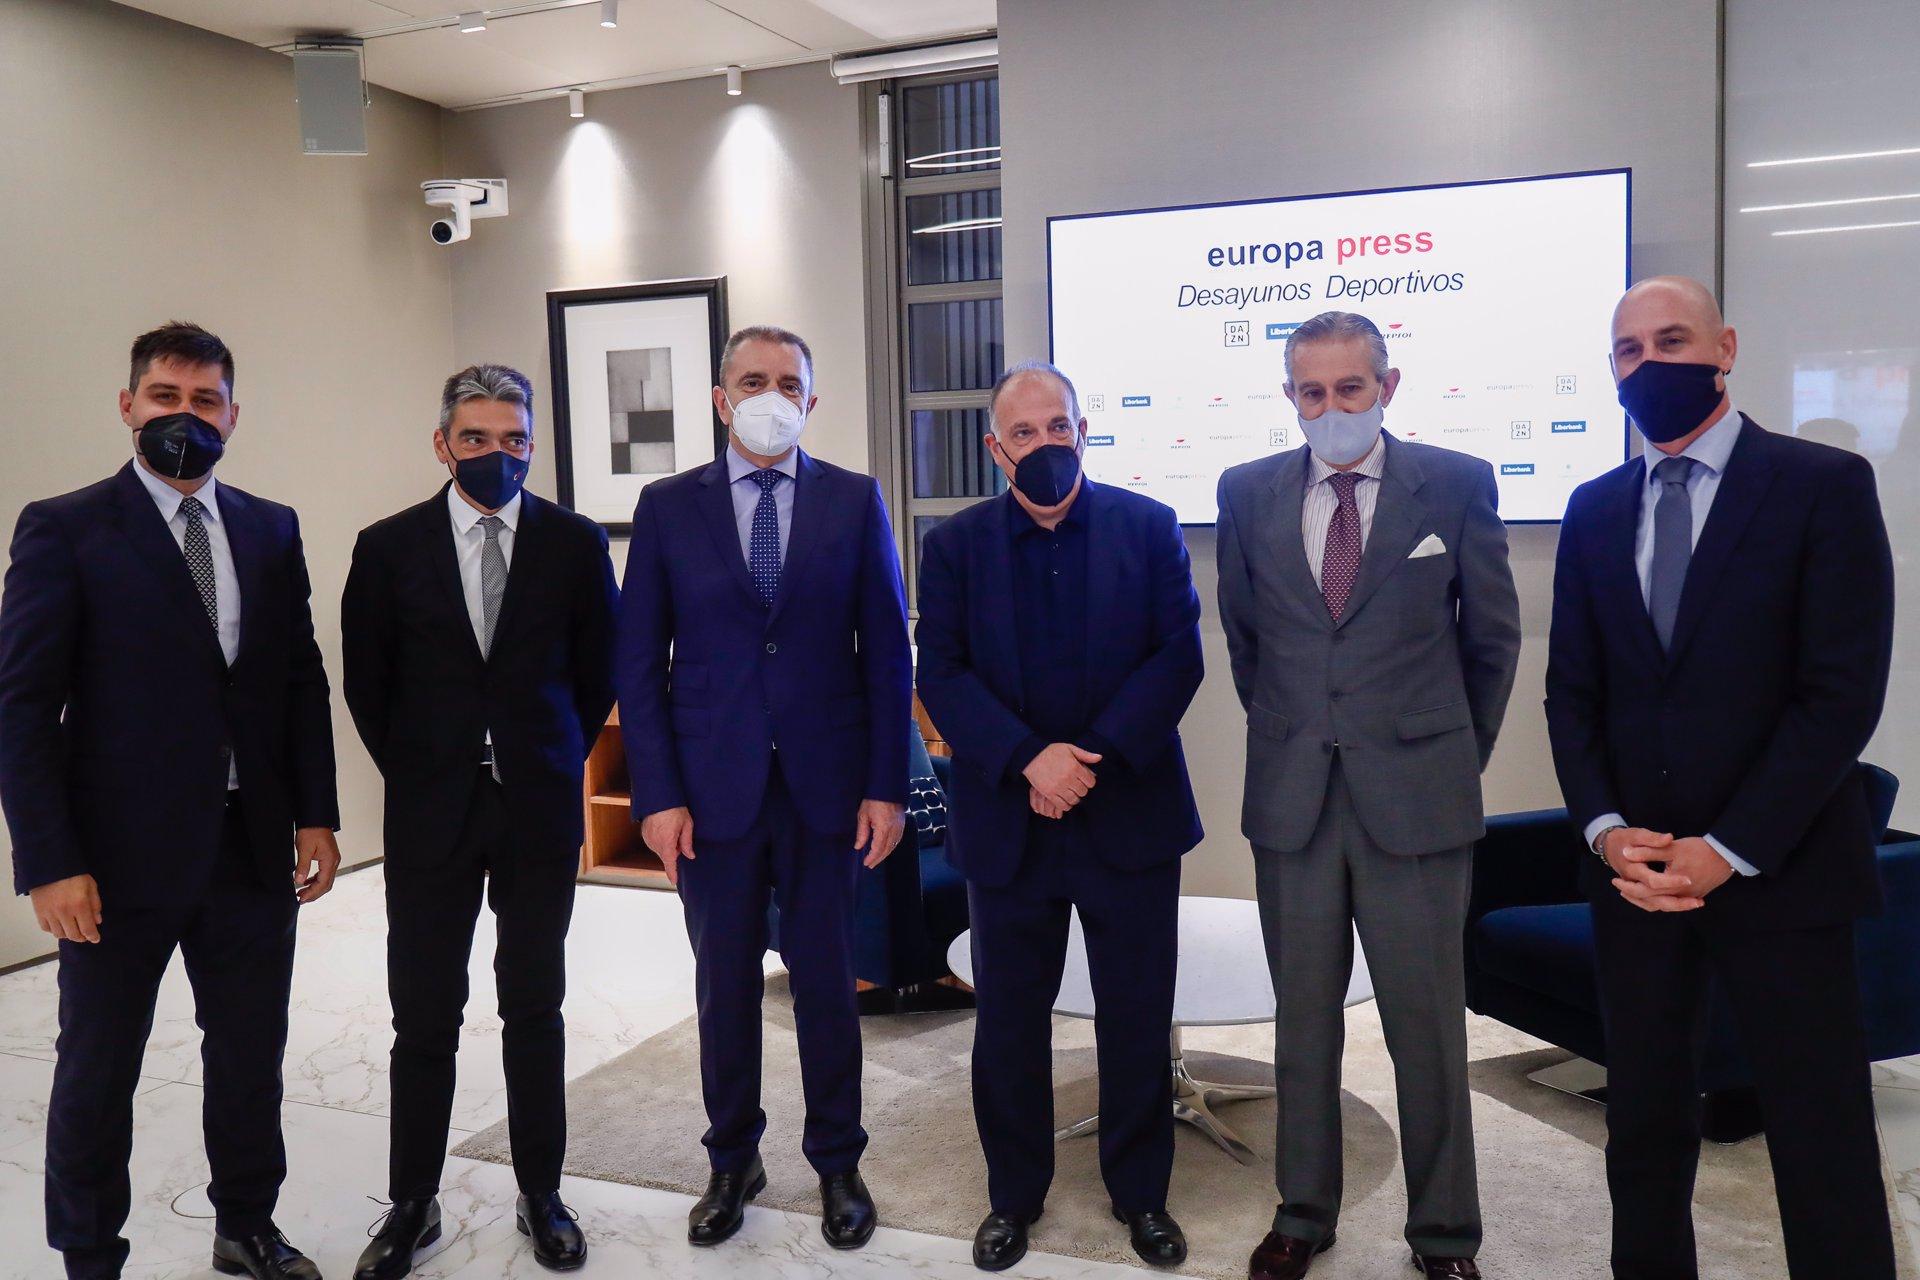 Joaquin Molpeceres Sanchez Desayunos Deportivos Europa Press JOse Manuel Franco 3